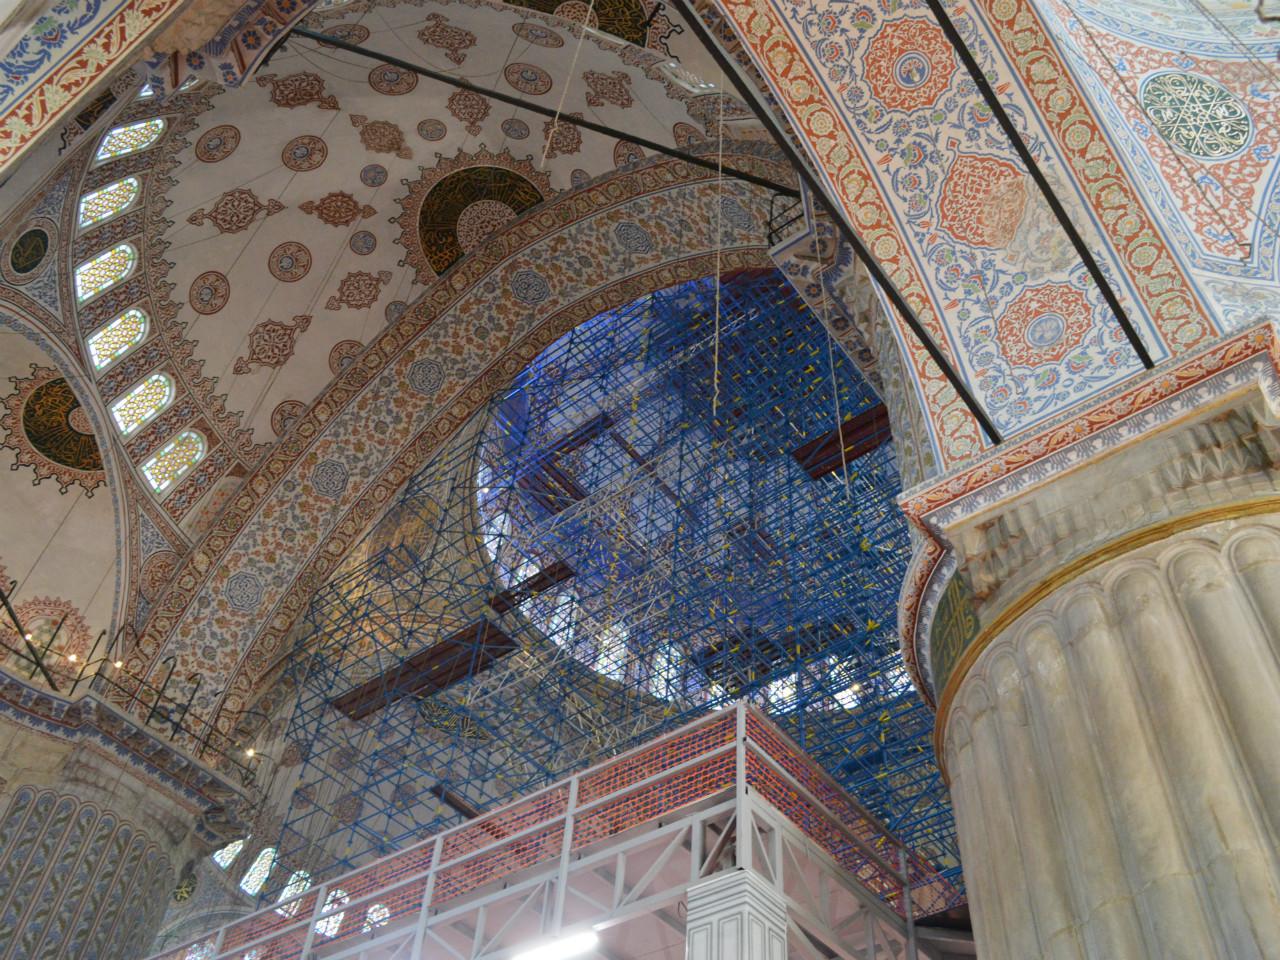 ブルーモスクの天井は改修工事中